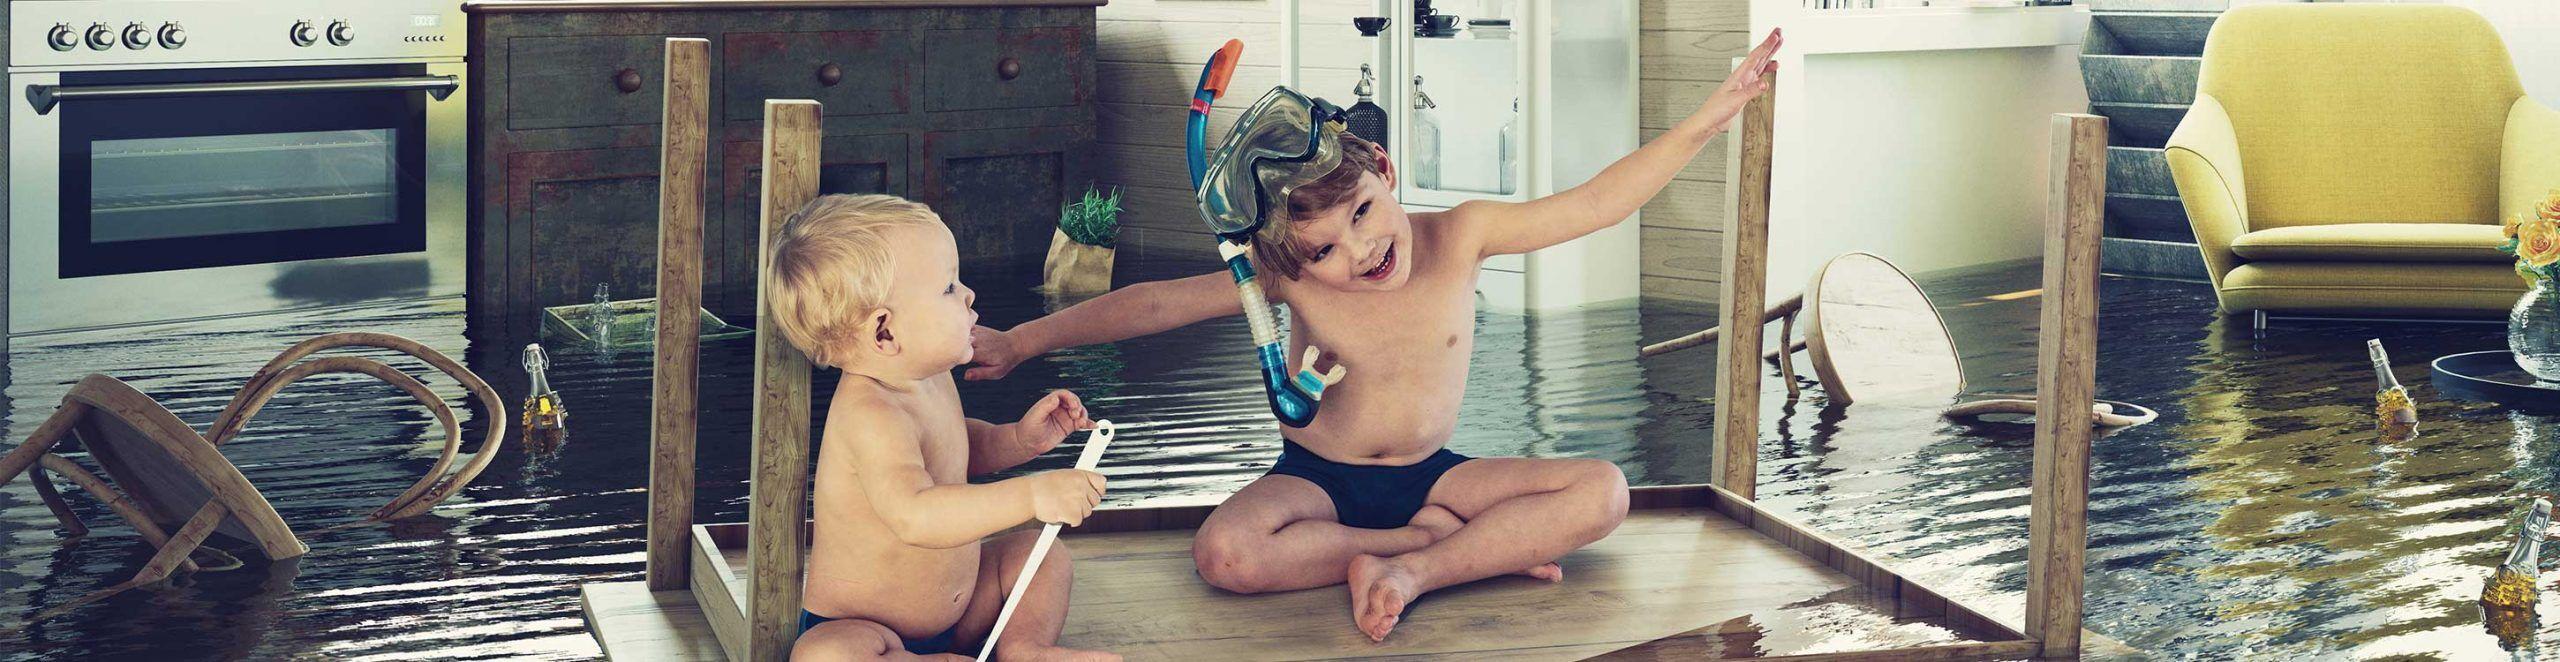 Kinder_Kueche_Wasser_unterseite_low